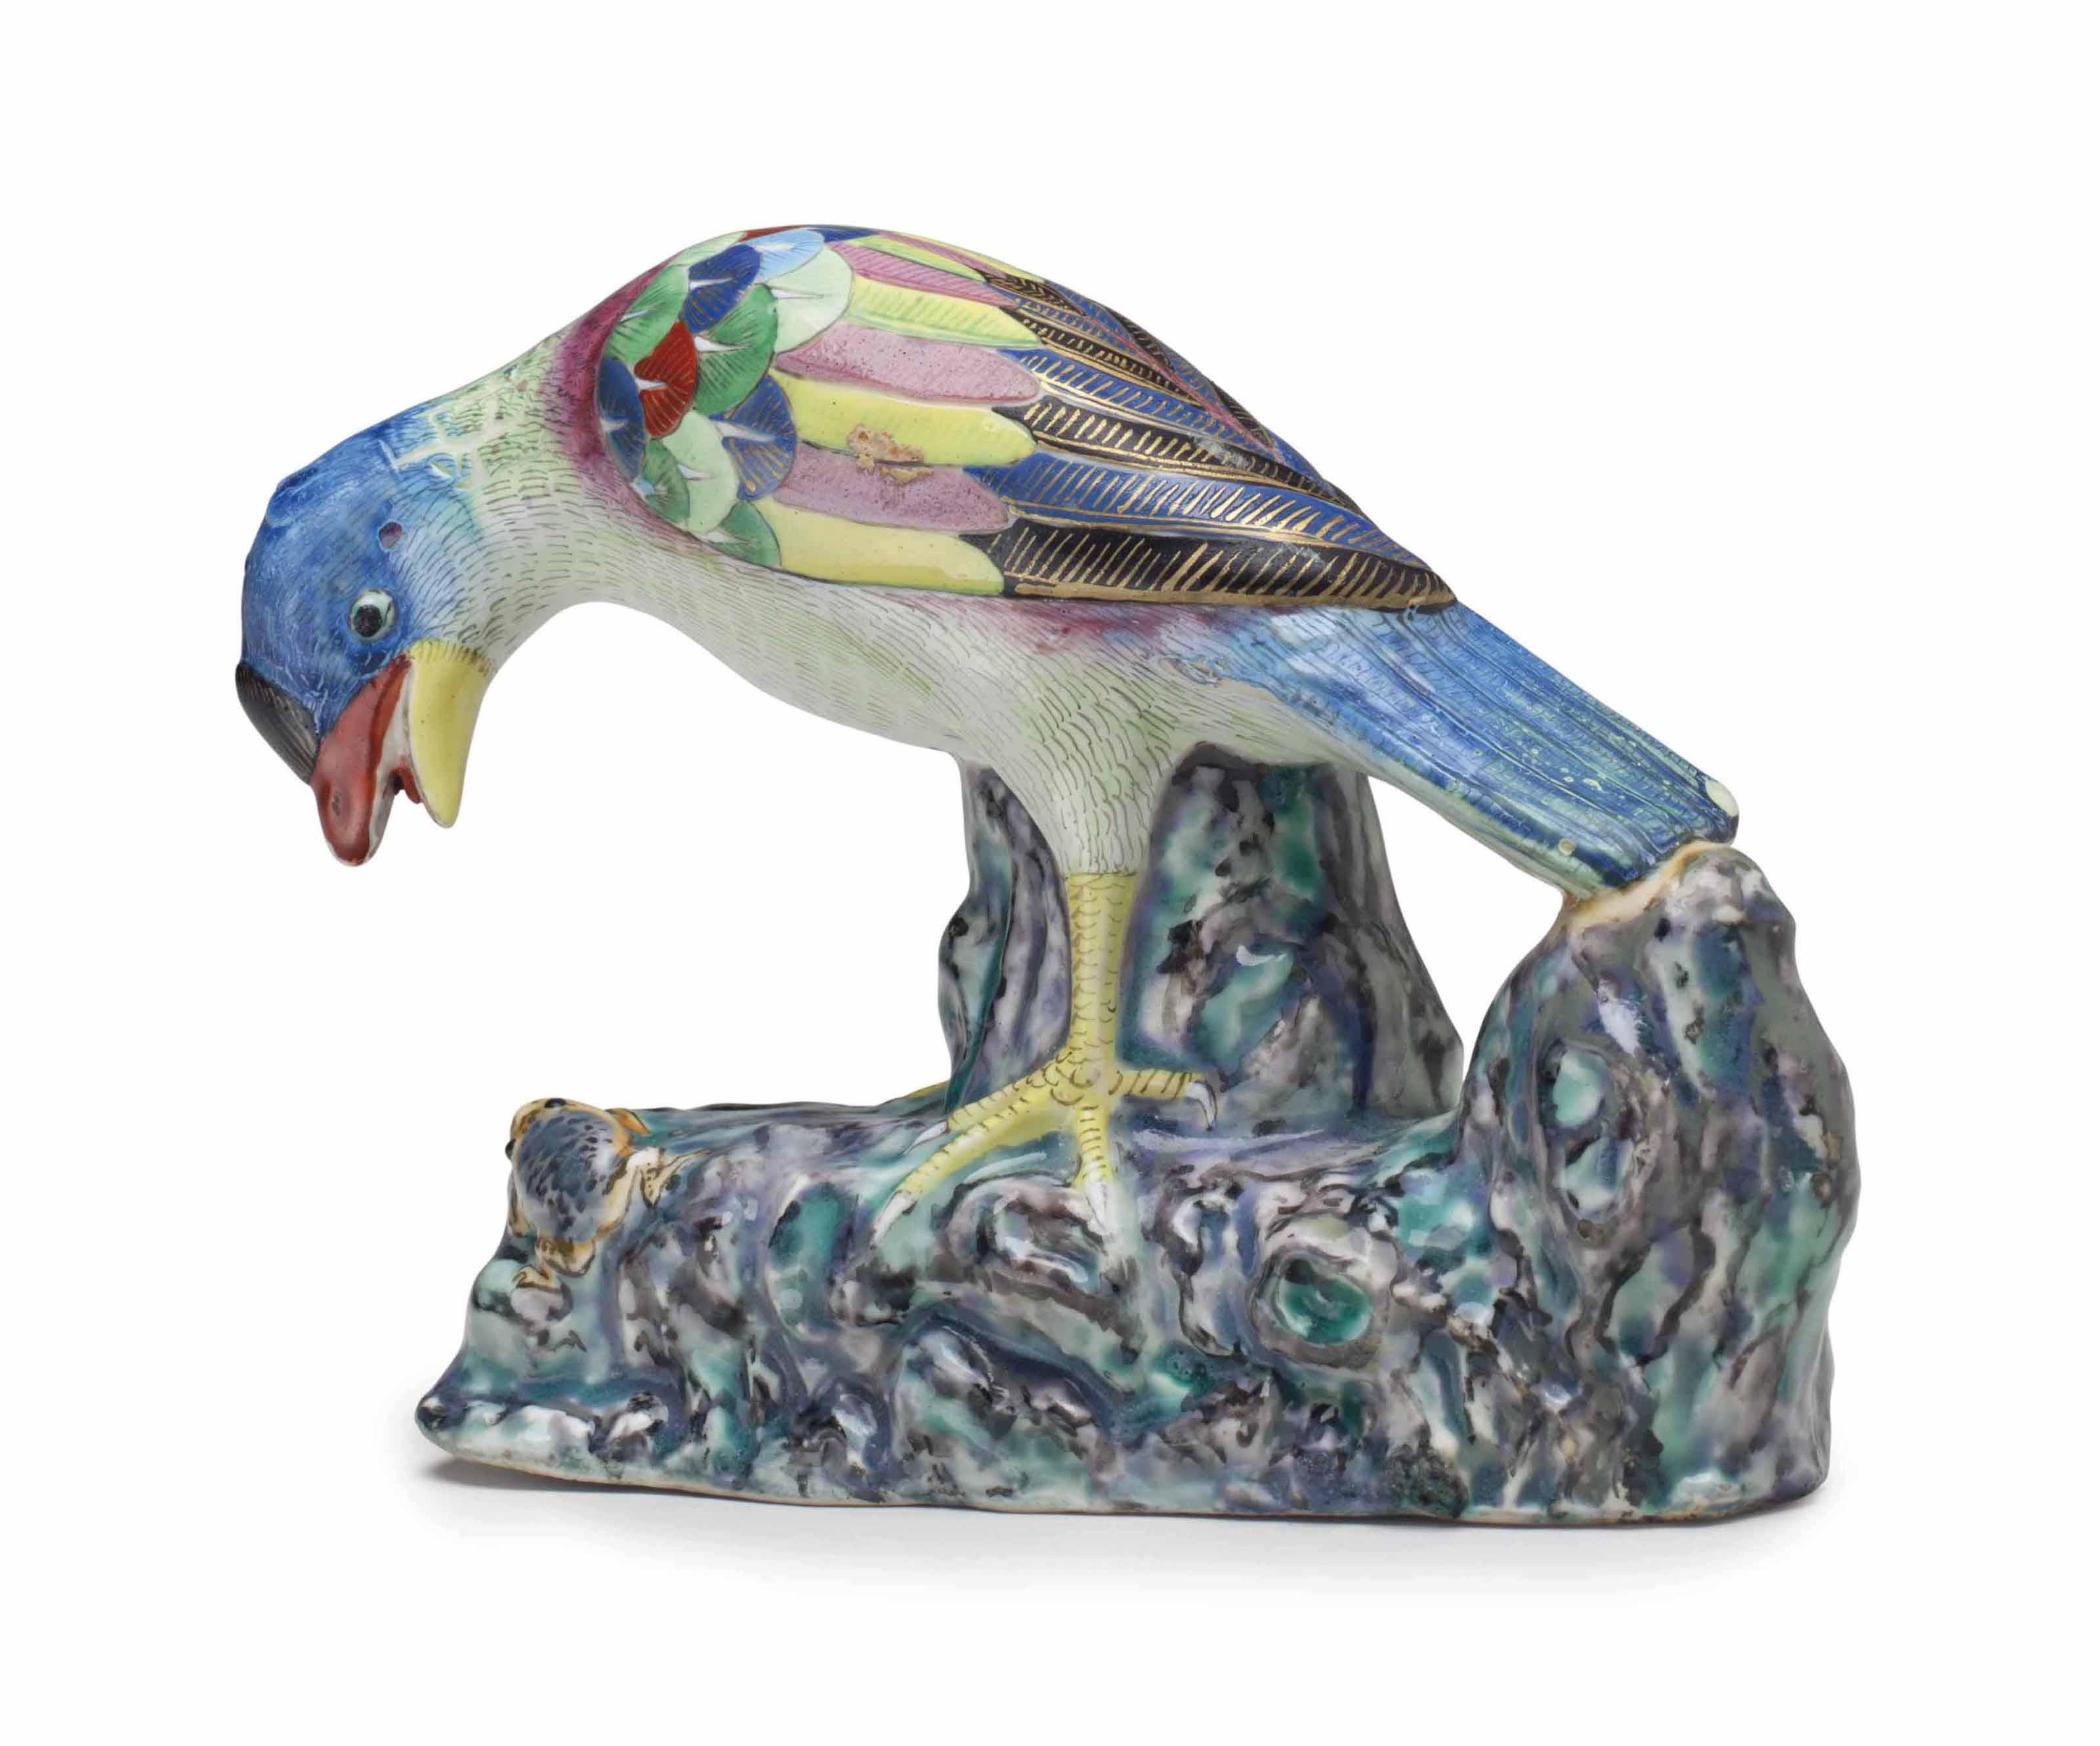 A RARE MODEL OF A JAY BIRD